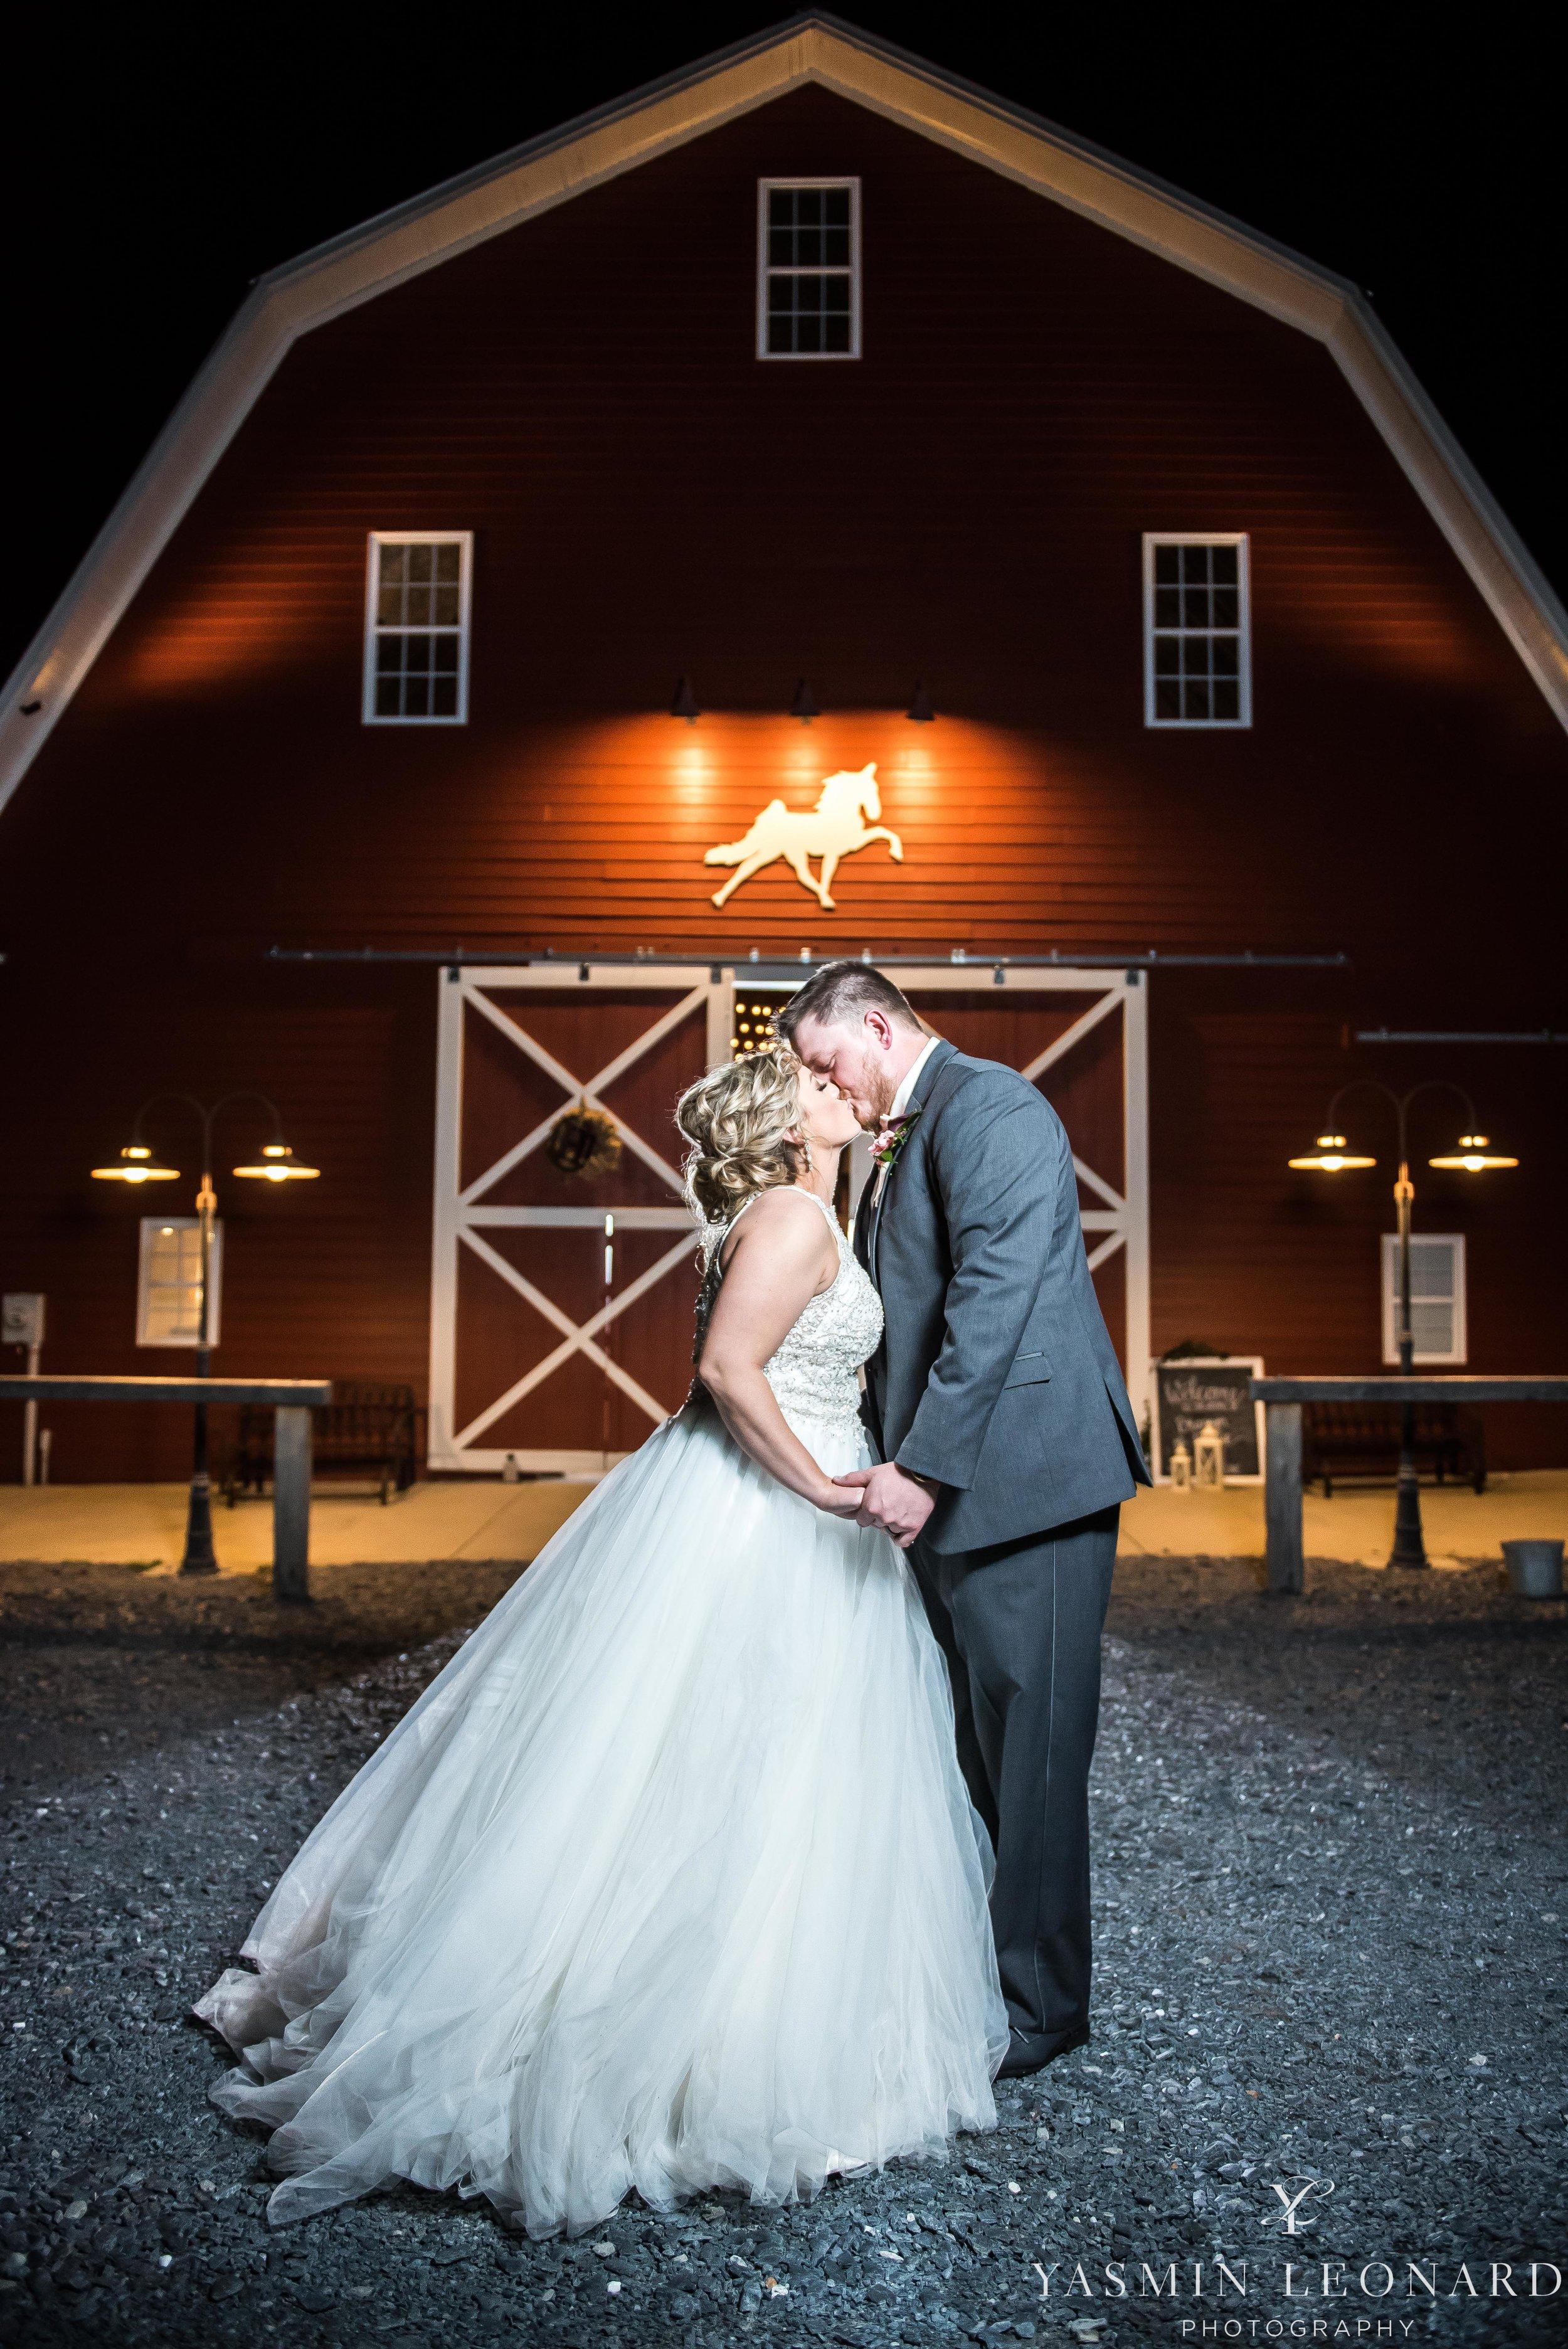 Millikan Farms - Millikan Farms Wedding - Sophia NC Wedding - NC Wedding - NC Wedding Photographer - Yasmin Leonard Photography - High Point Photographer - Barn Wedding - Wedding Venues in NC - Triad Wedding Photographer-95.jpg